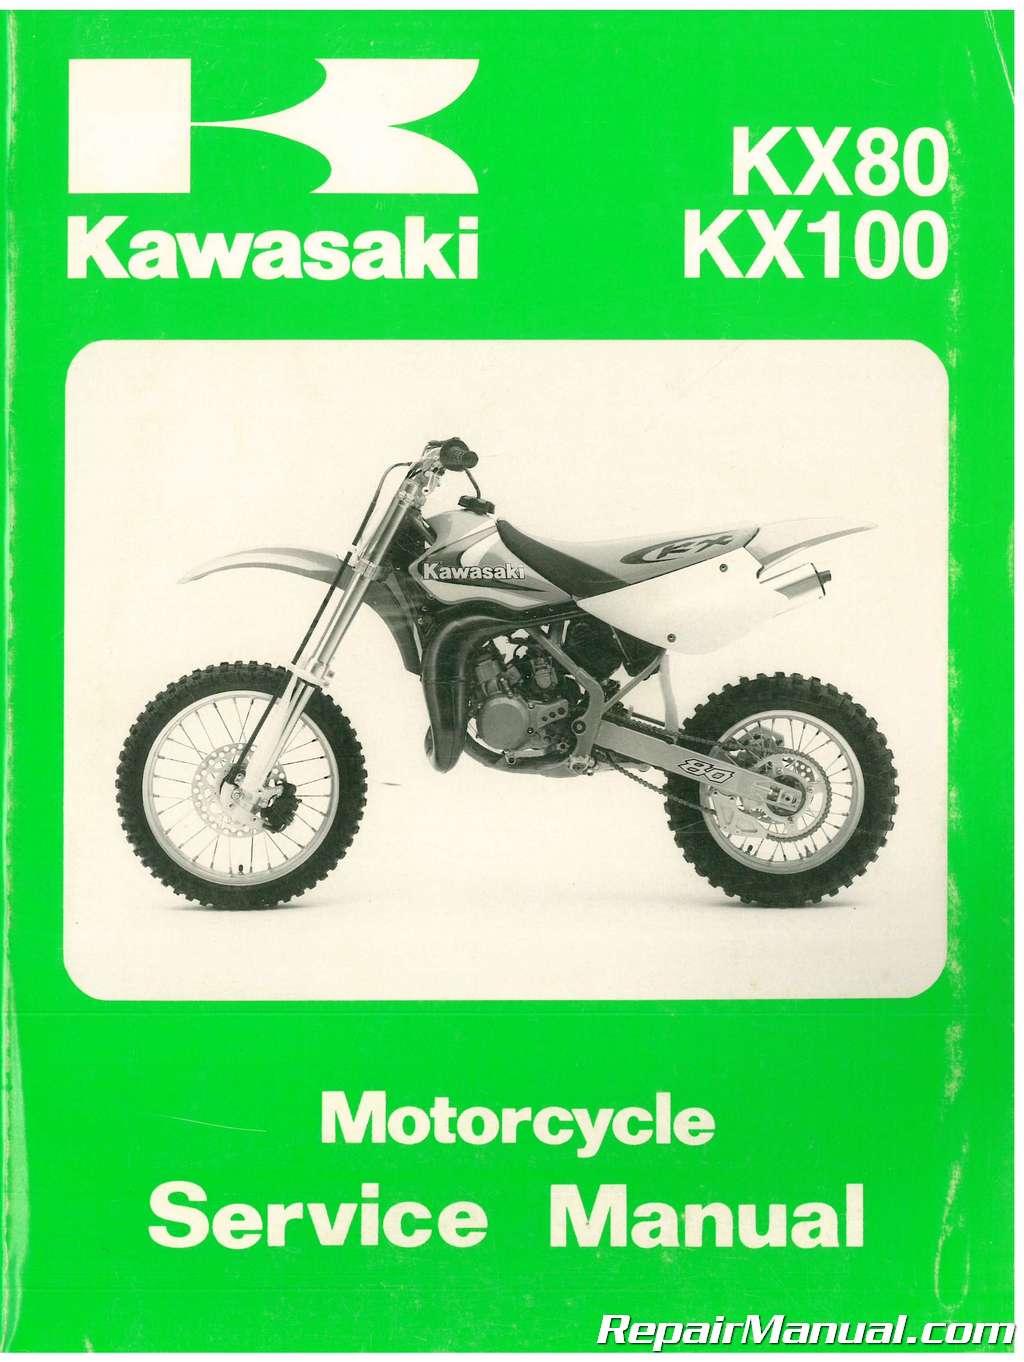 used 1998 2000 kawasaki kx80 kx100 service manual rh repairmanual com  Kawasaki KX 500 Kawasaki KX 85